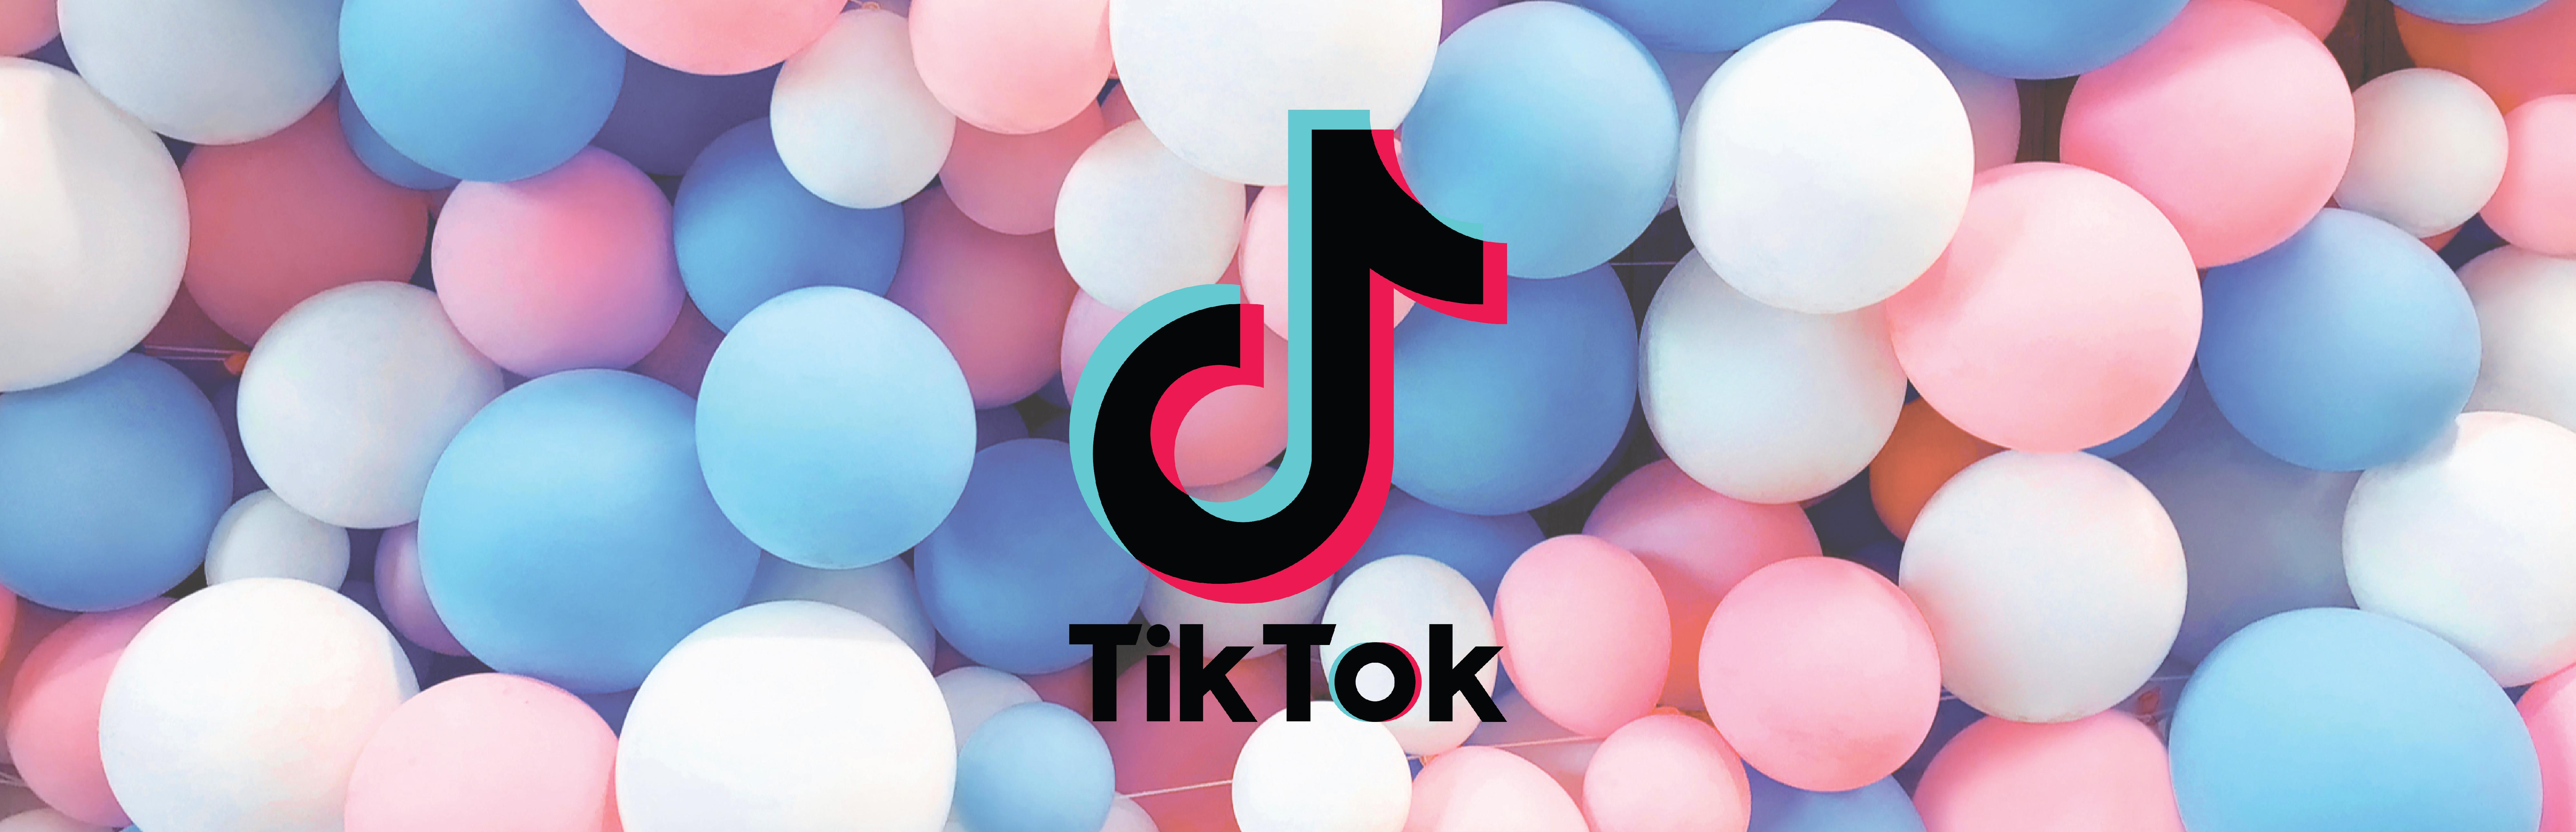 טיקטוק